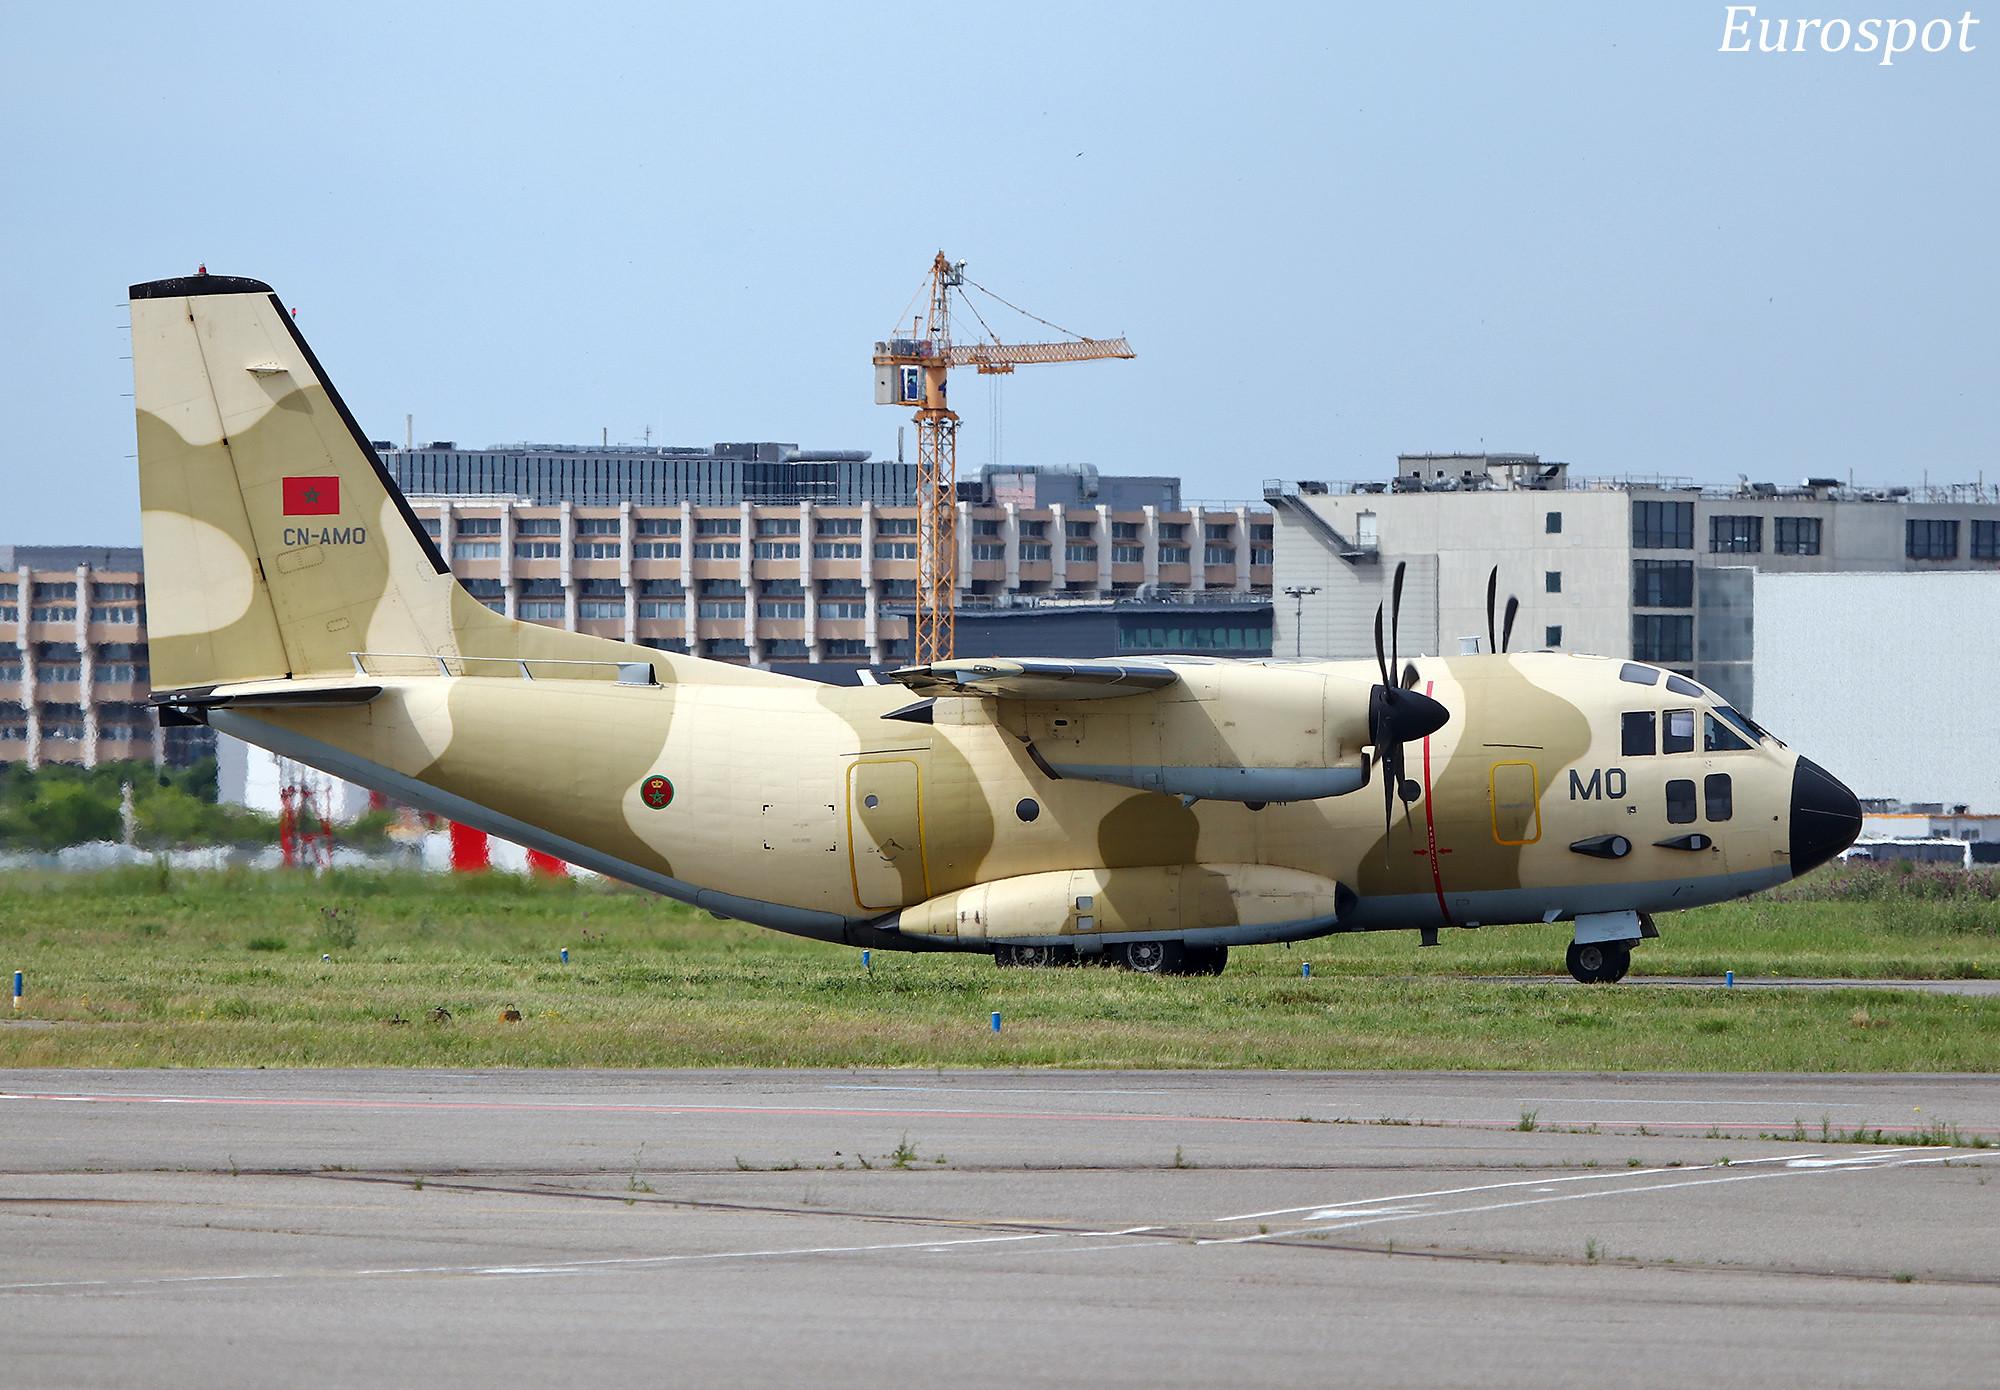 FRA: Photos d'avions de transport - Page 40 50255721736_9aa8f75c95_k